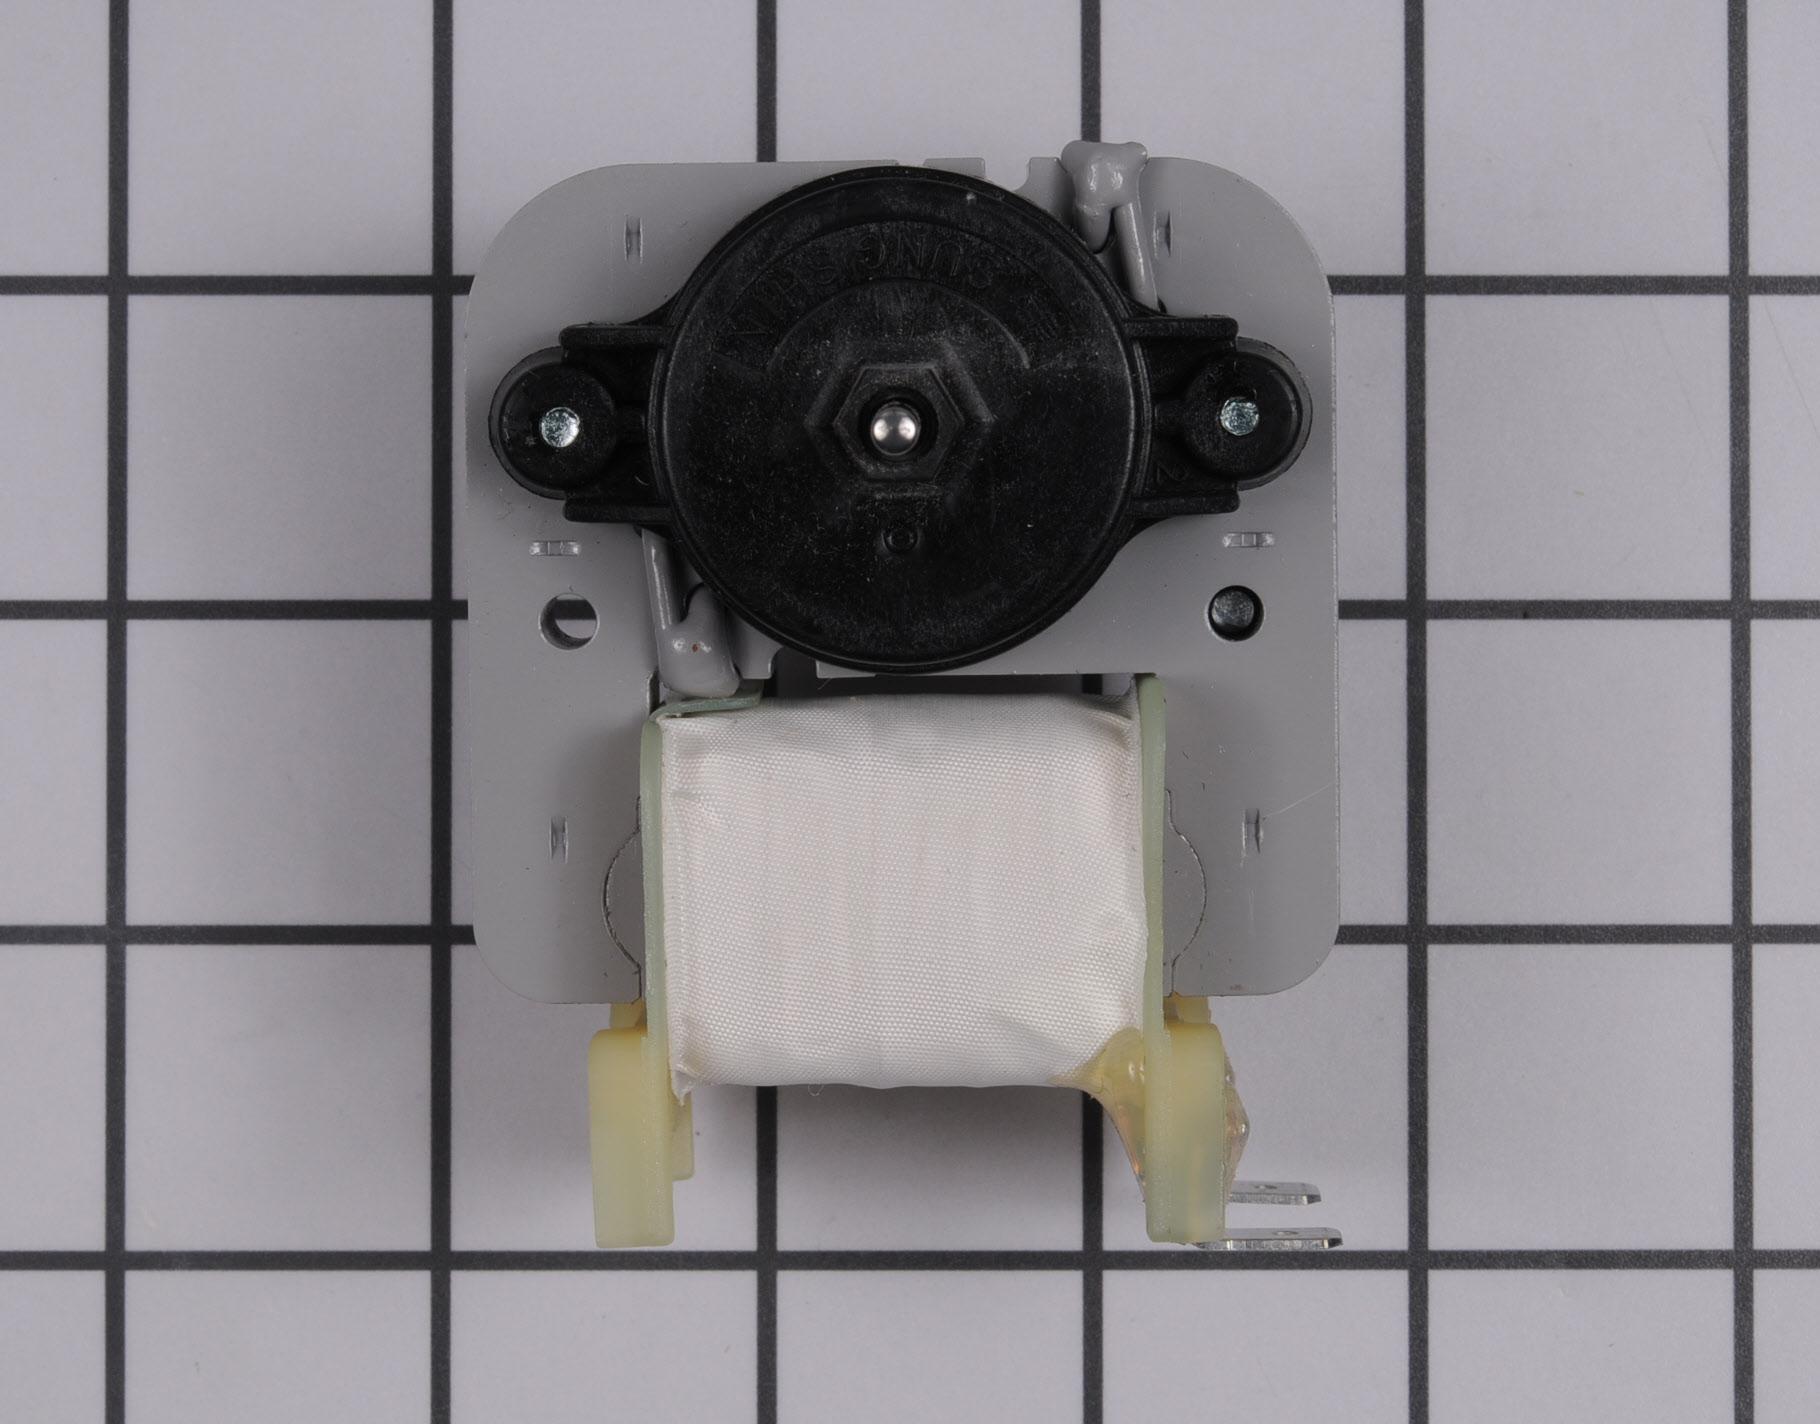 WPW10188389 Ikea Refrigerator Part -Evaporator Fan Motor